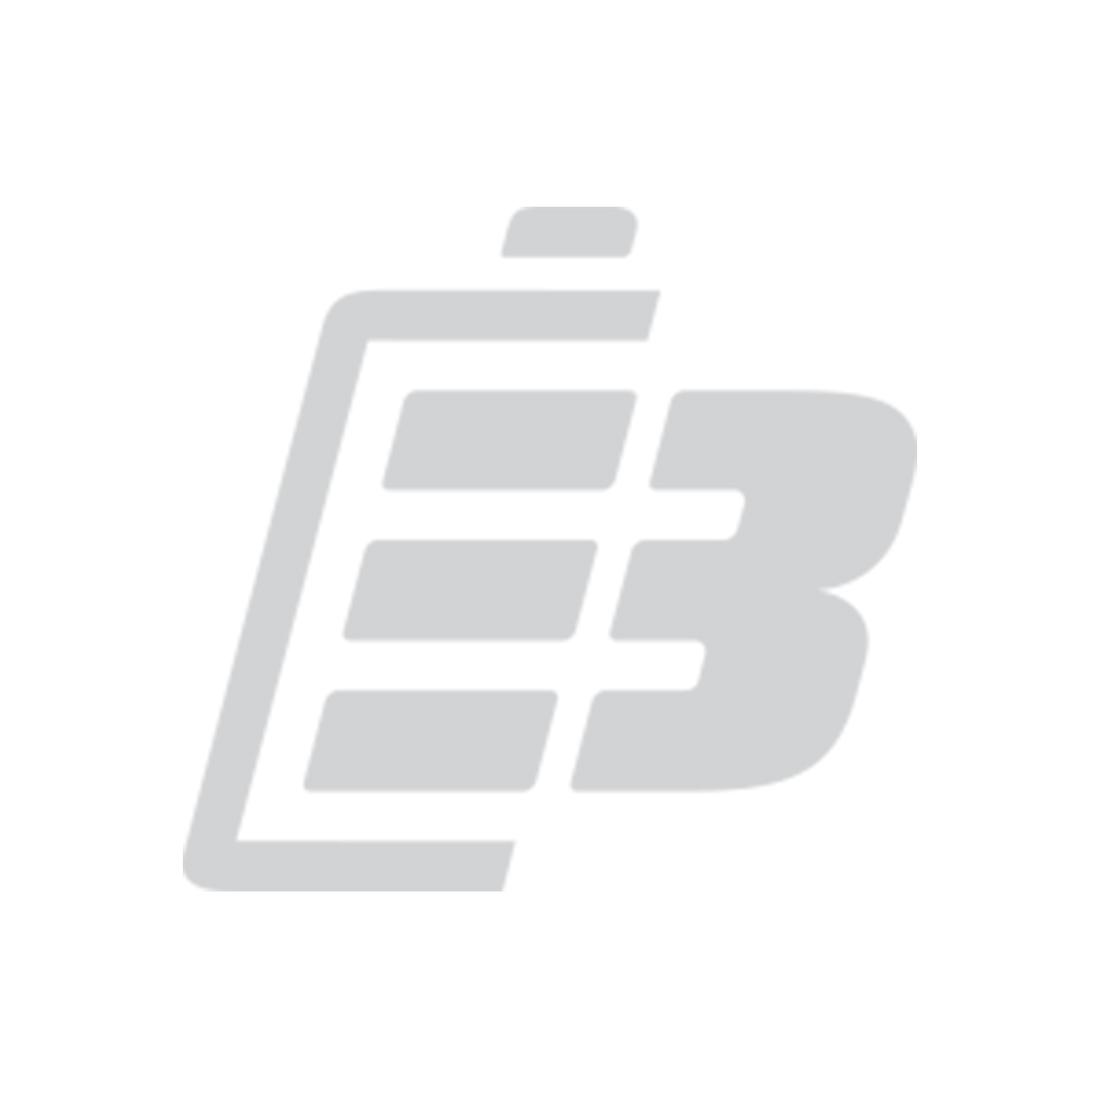 Μπαταρία Laptop Acer Aspire 6930_1